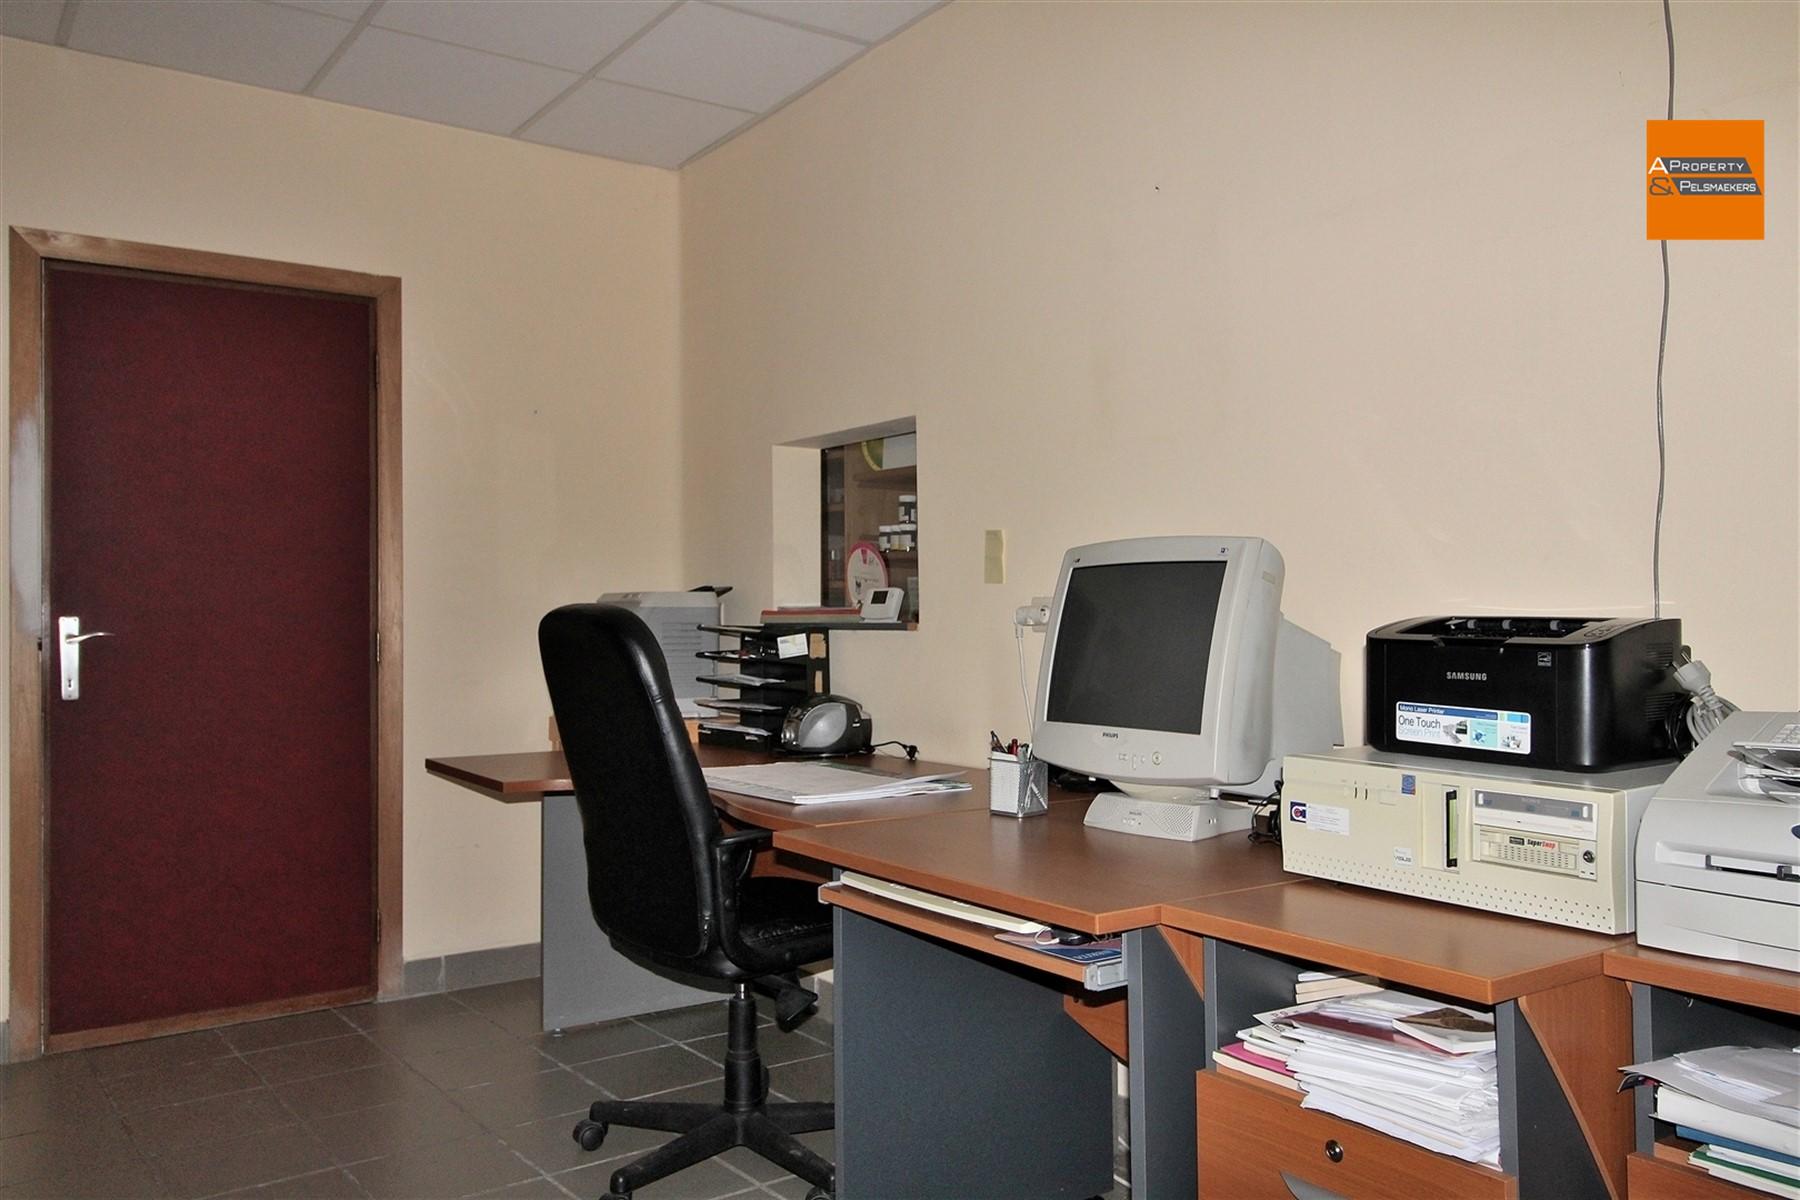 Foto 18 : Winkelruimte in 3272 TESTELT (België) - Prijs € 850